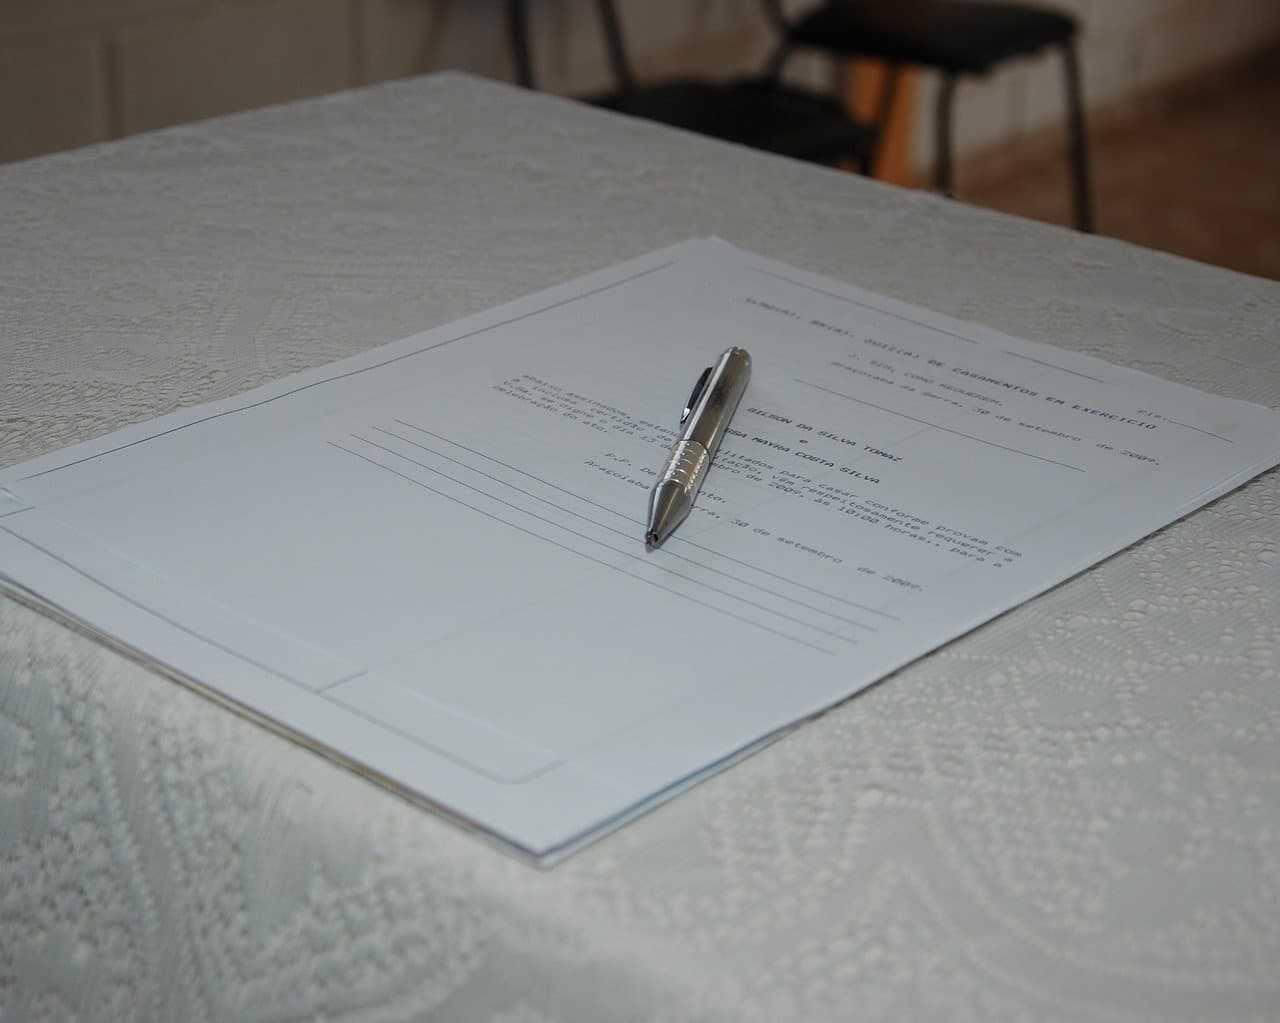 Wypowiedzenie umowy OC. Kiedy i w jaki sposób można to zrobić?